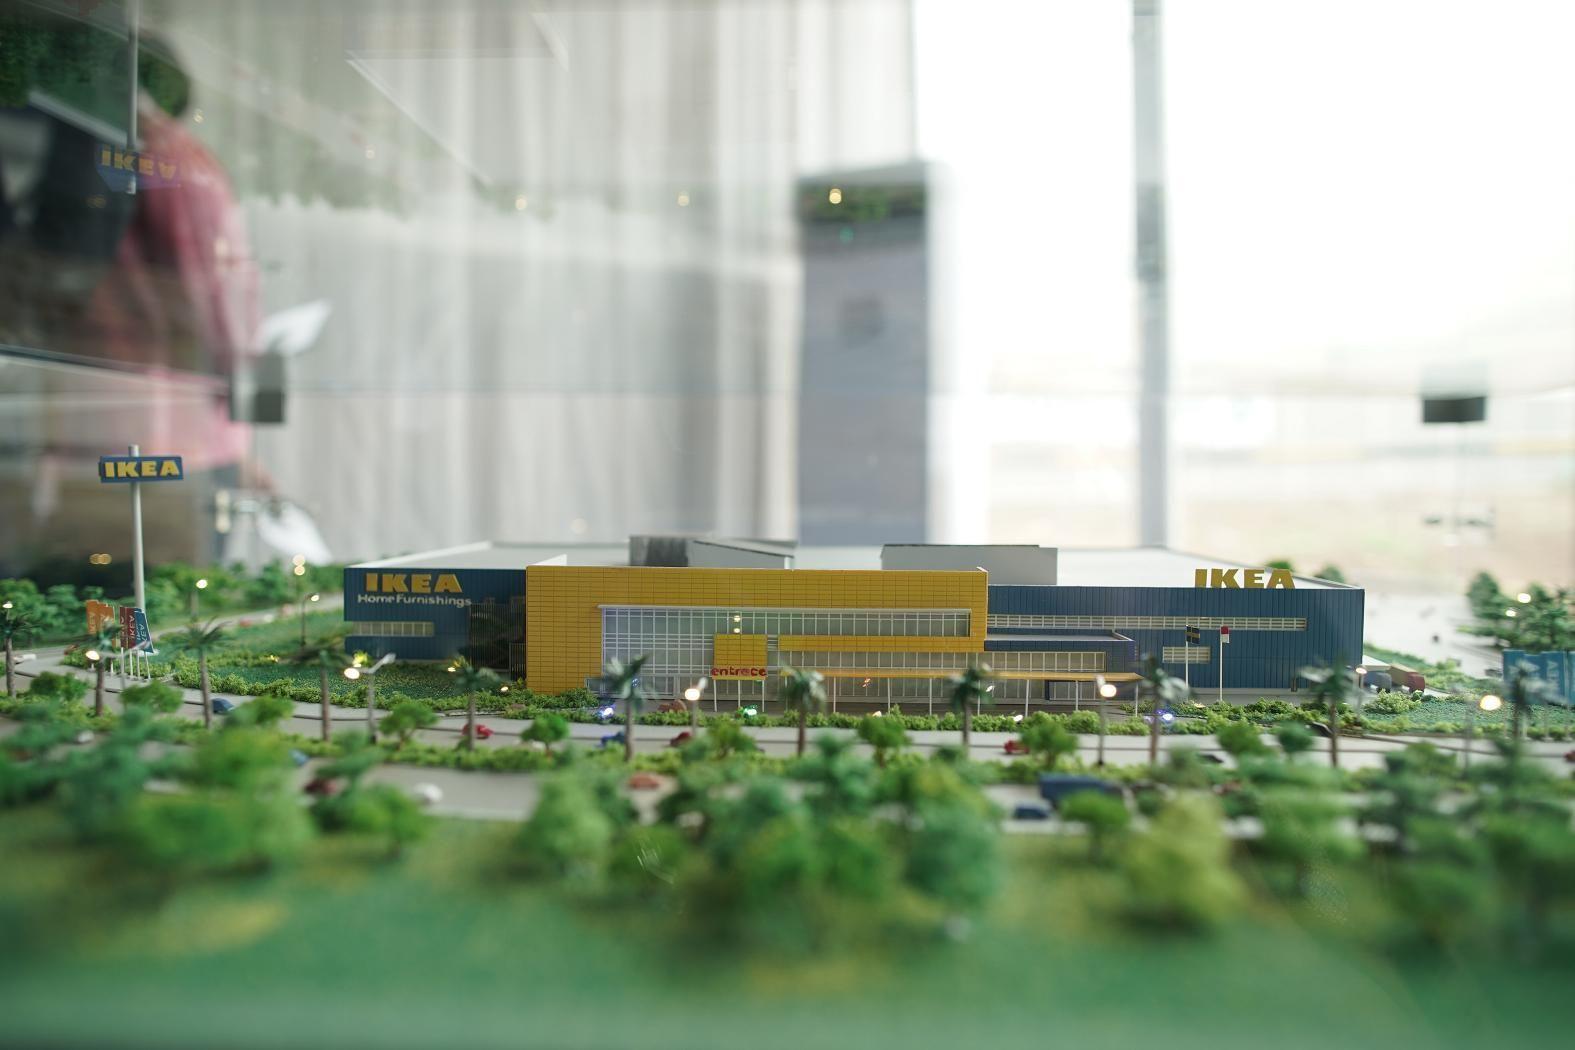 Siap Siap Untuk Warga Jakarta Timur Ikea Segera Hadir Di Cakung Semua Halaman Idea